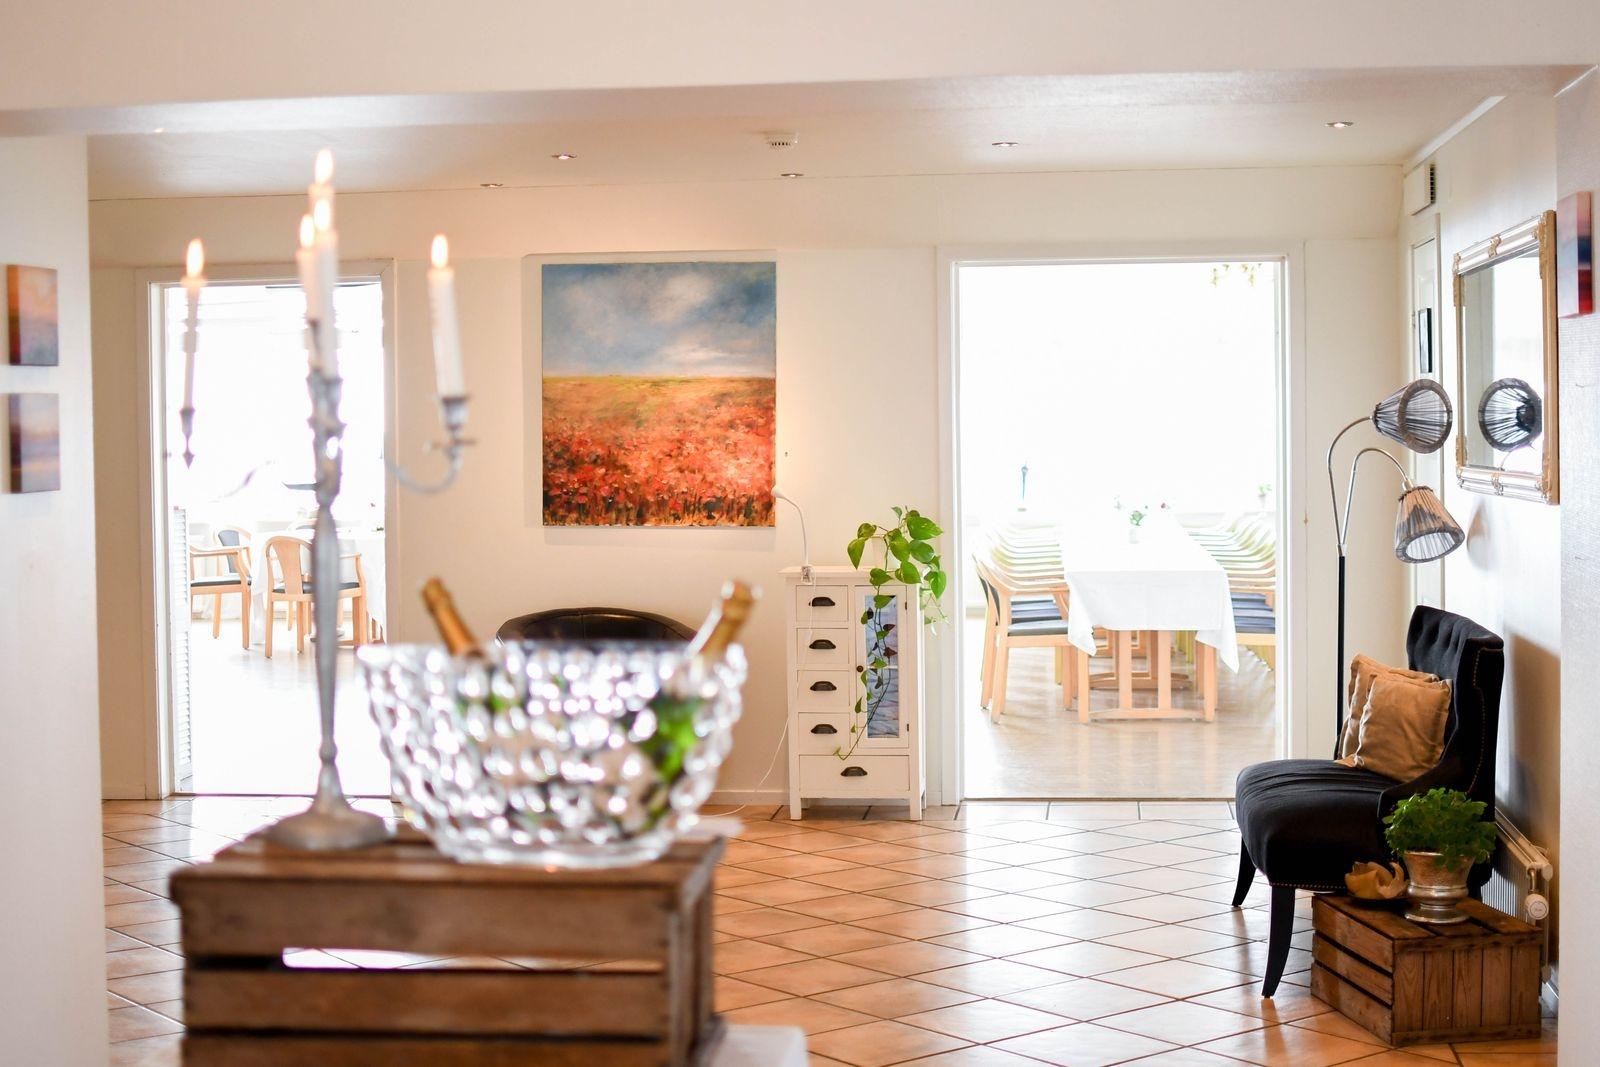 Karin gläds åt samarbetet med Sofia och Fredrik vilket gör det möjligt för henne att ställa ut i Löderups strandbads vackra foajé.